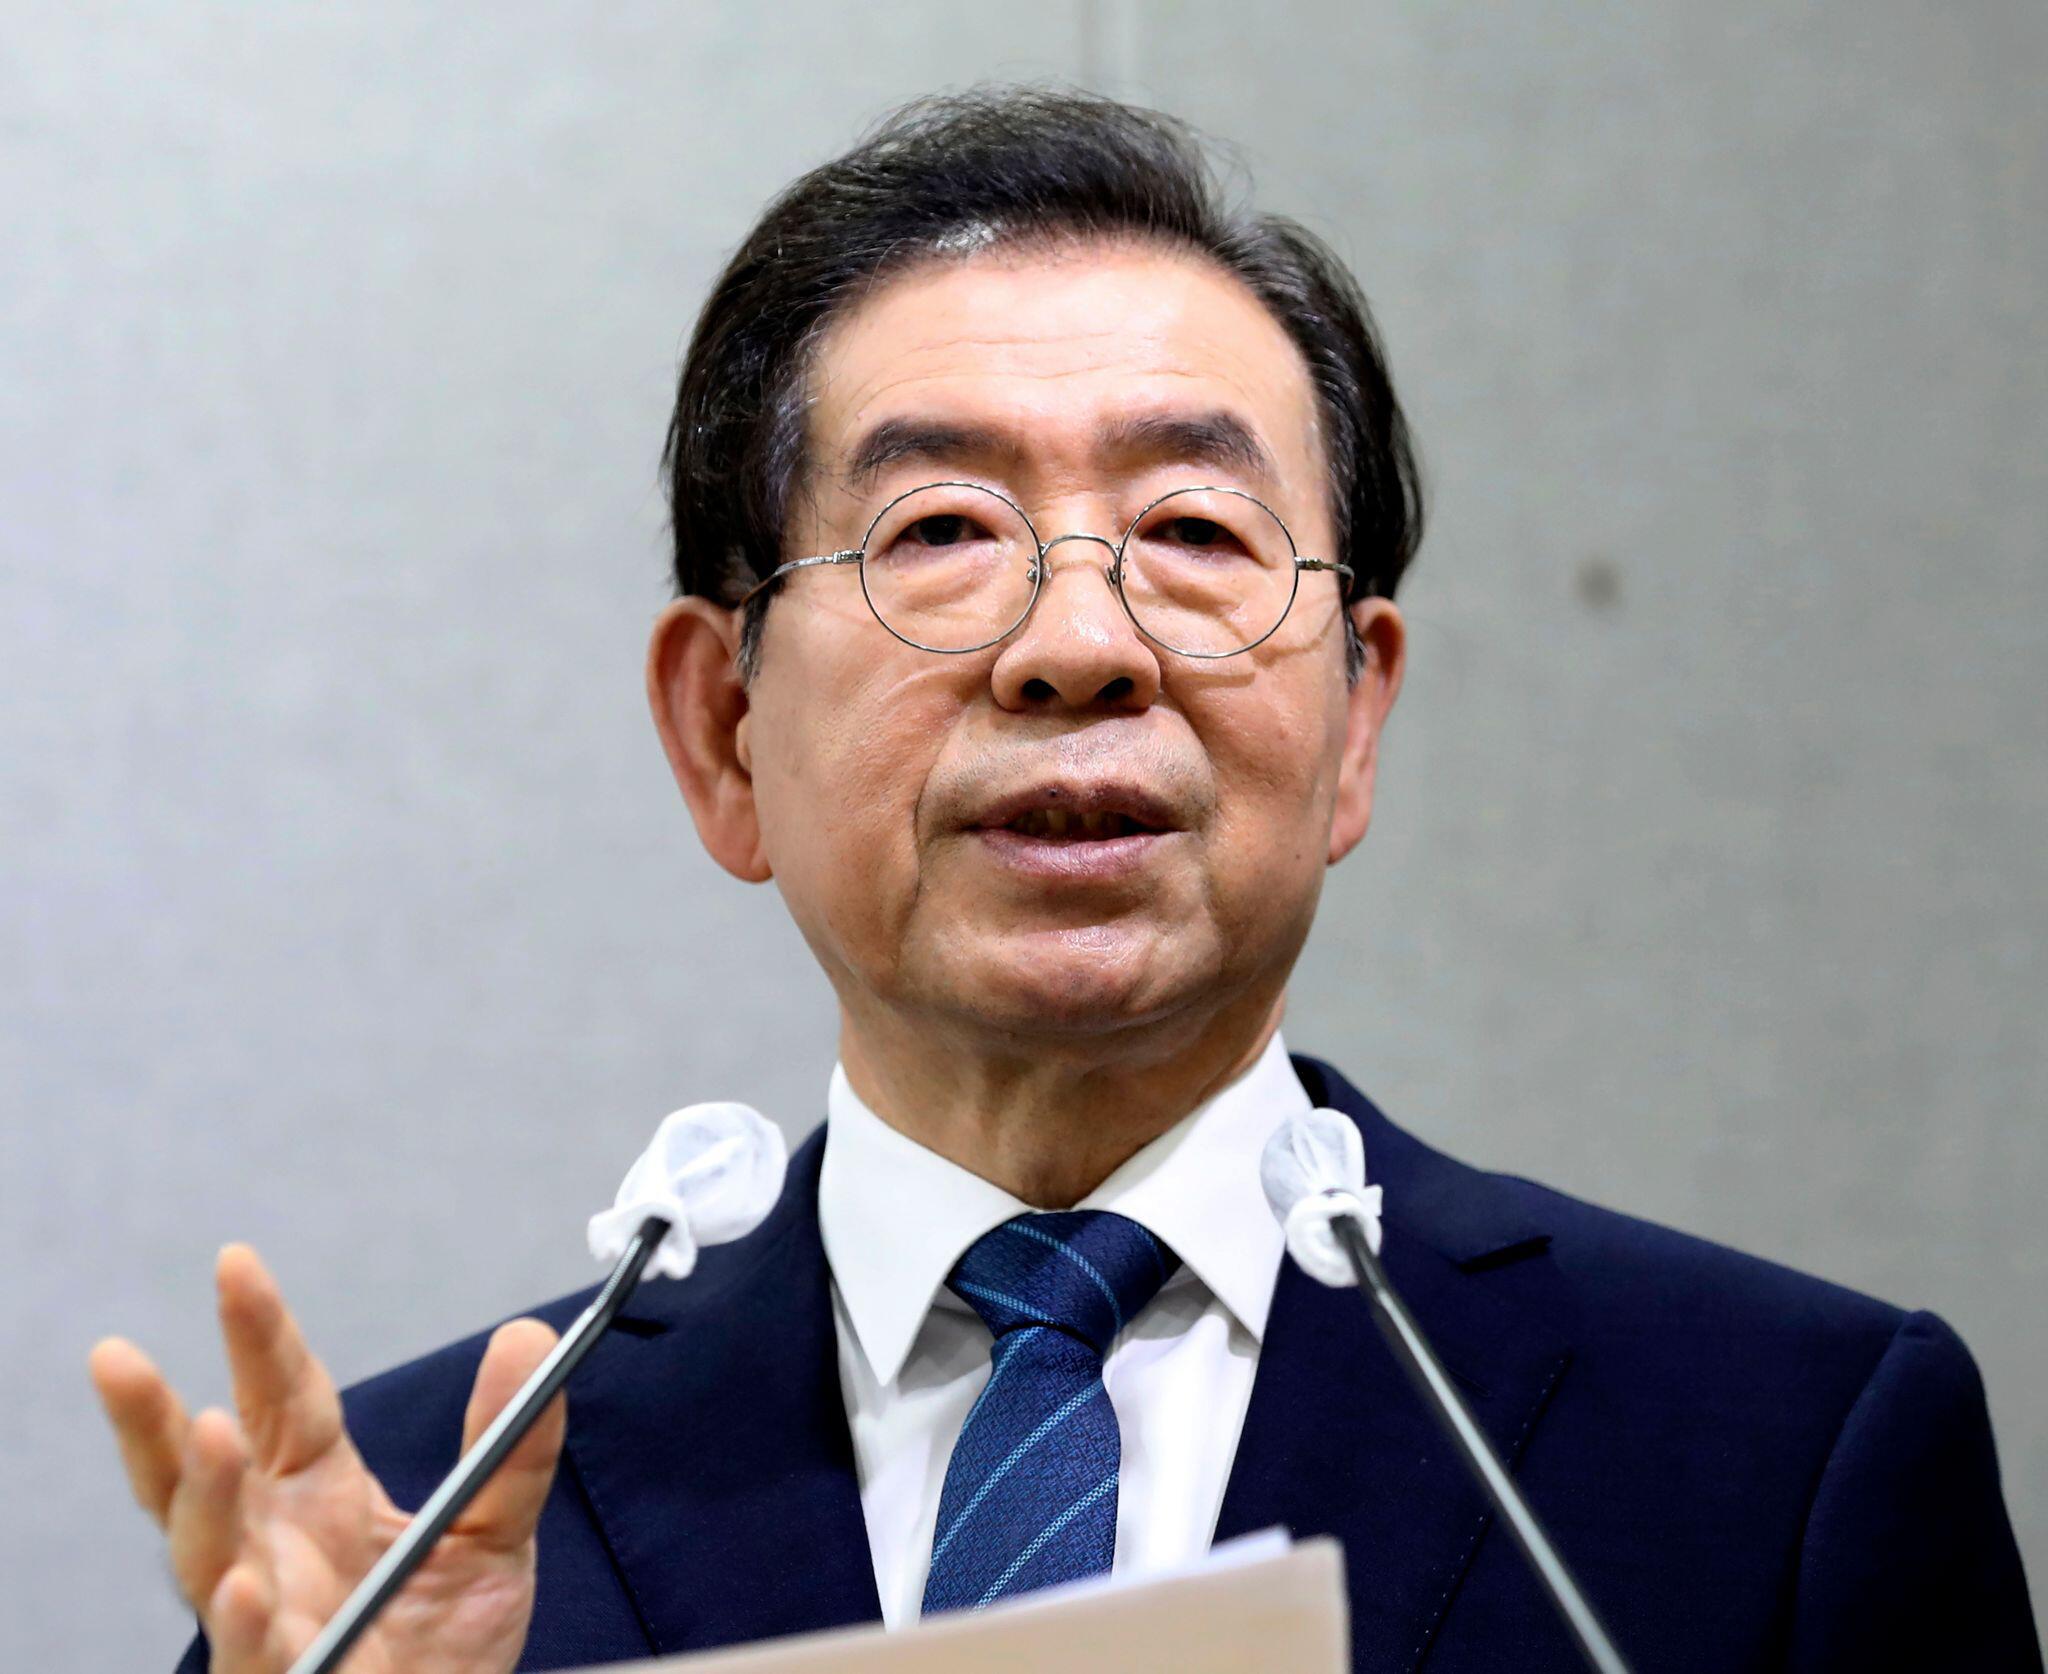 Bild zu Bürgermeister von Seoul tot aufgefunden